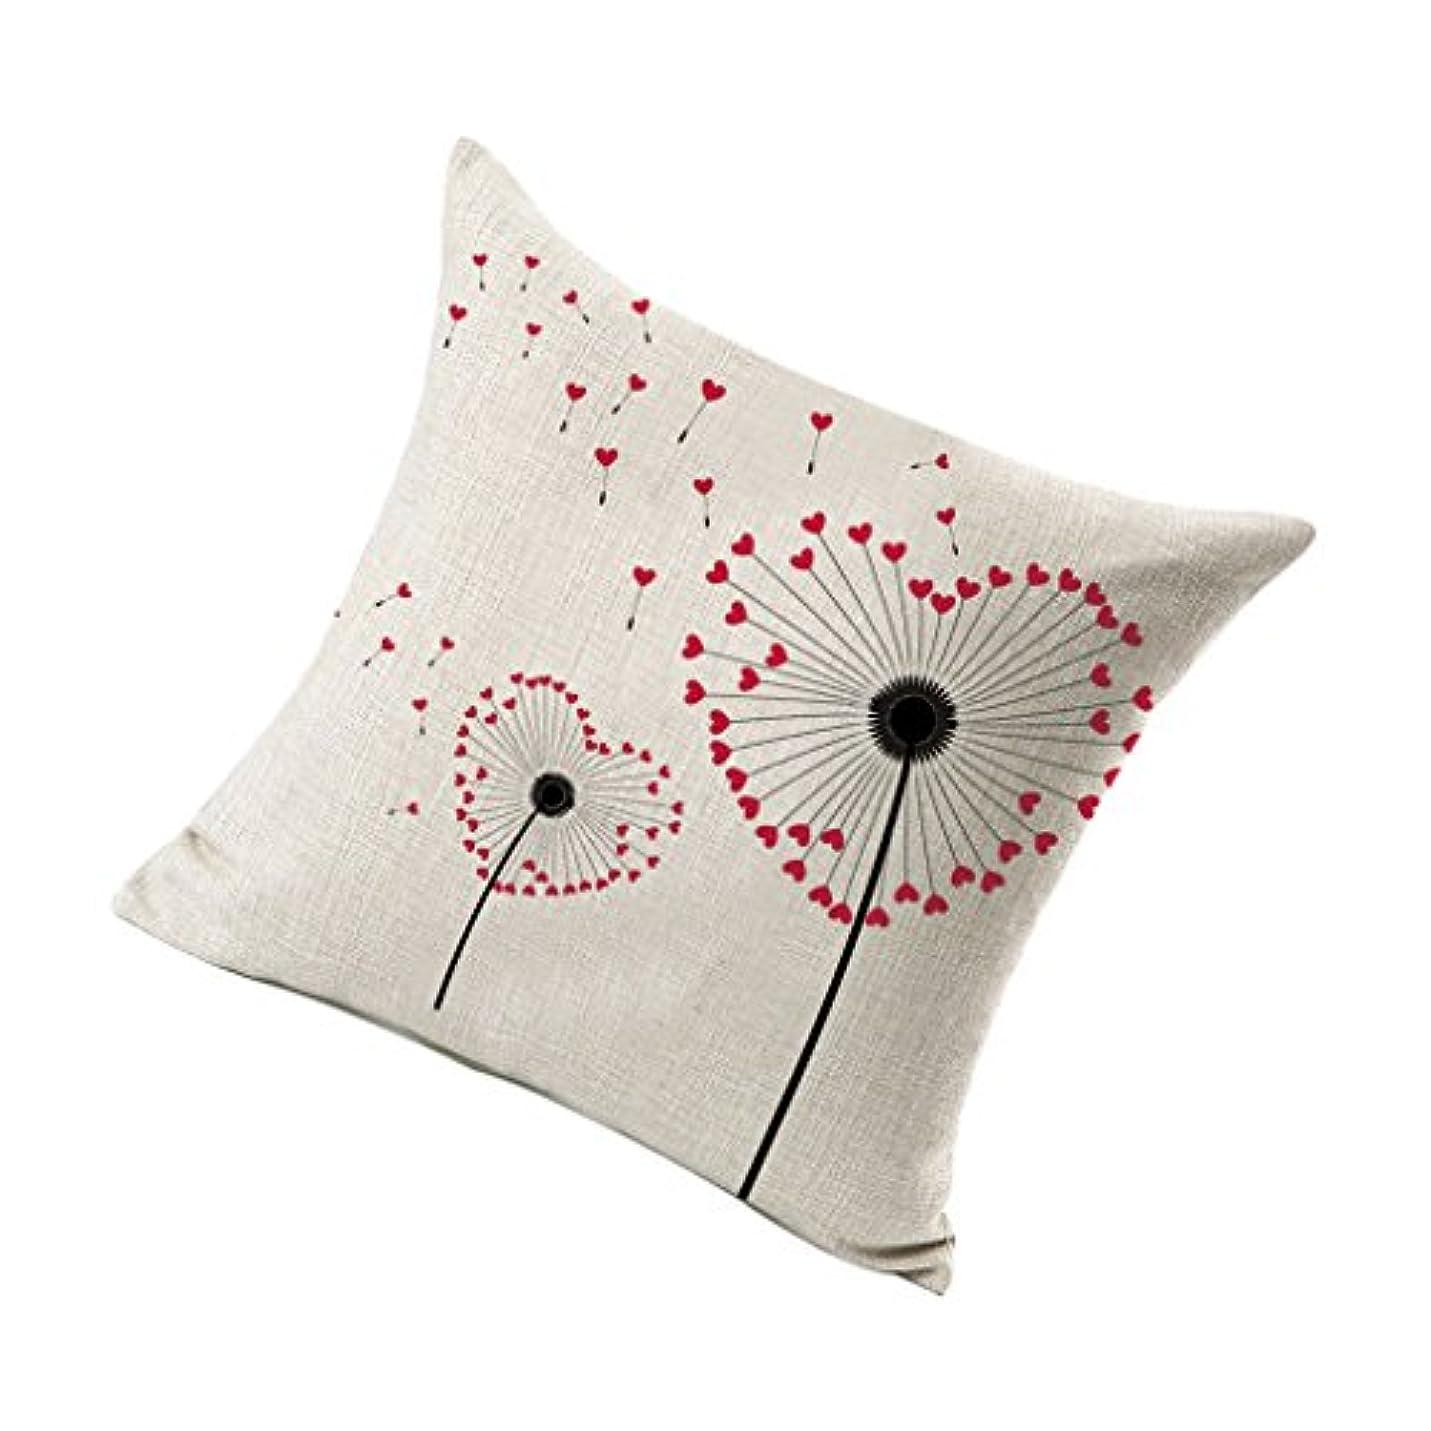 おんどり必要としているタービンクッションカスタムタンポポモデルカーホームソファオフィス装飾用枕カバーカバーカバーケース - 赤いハート形のタンポポ